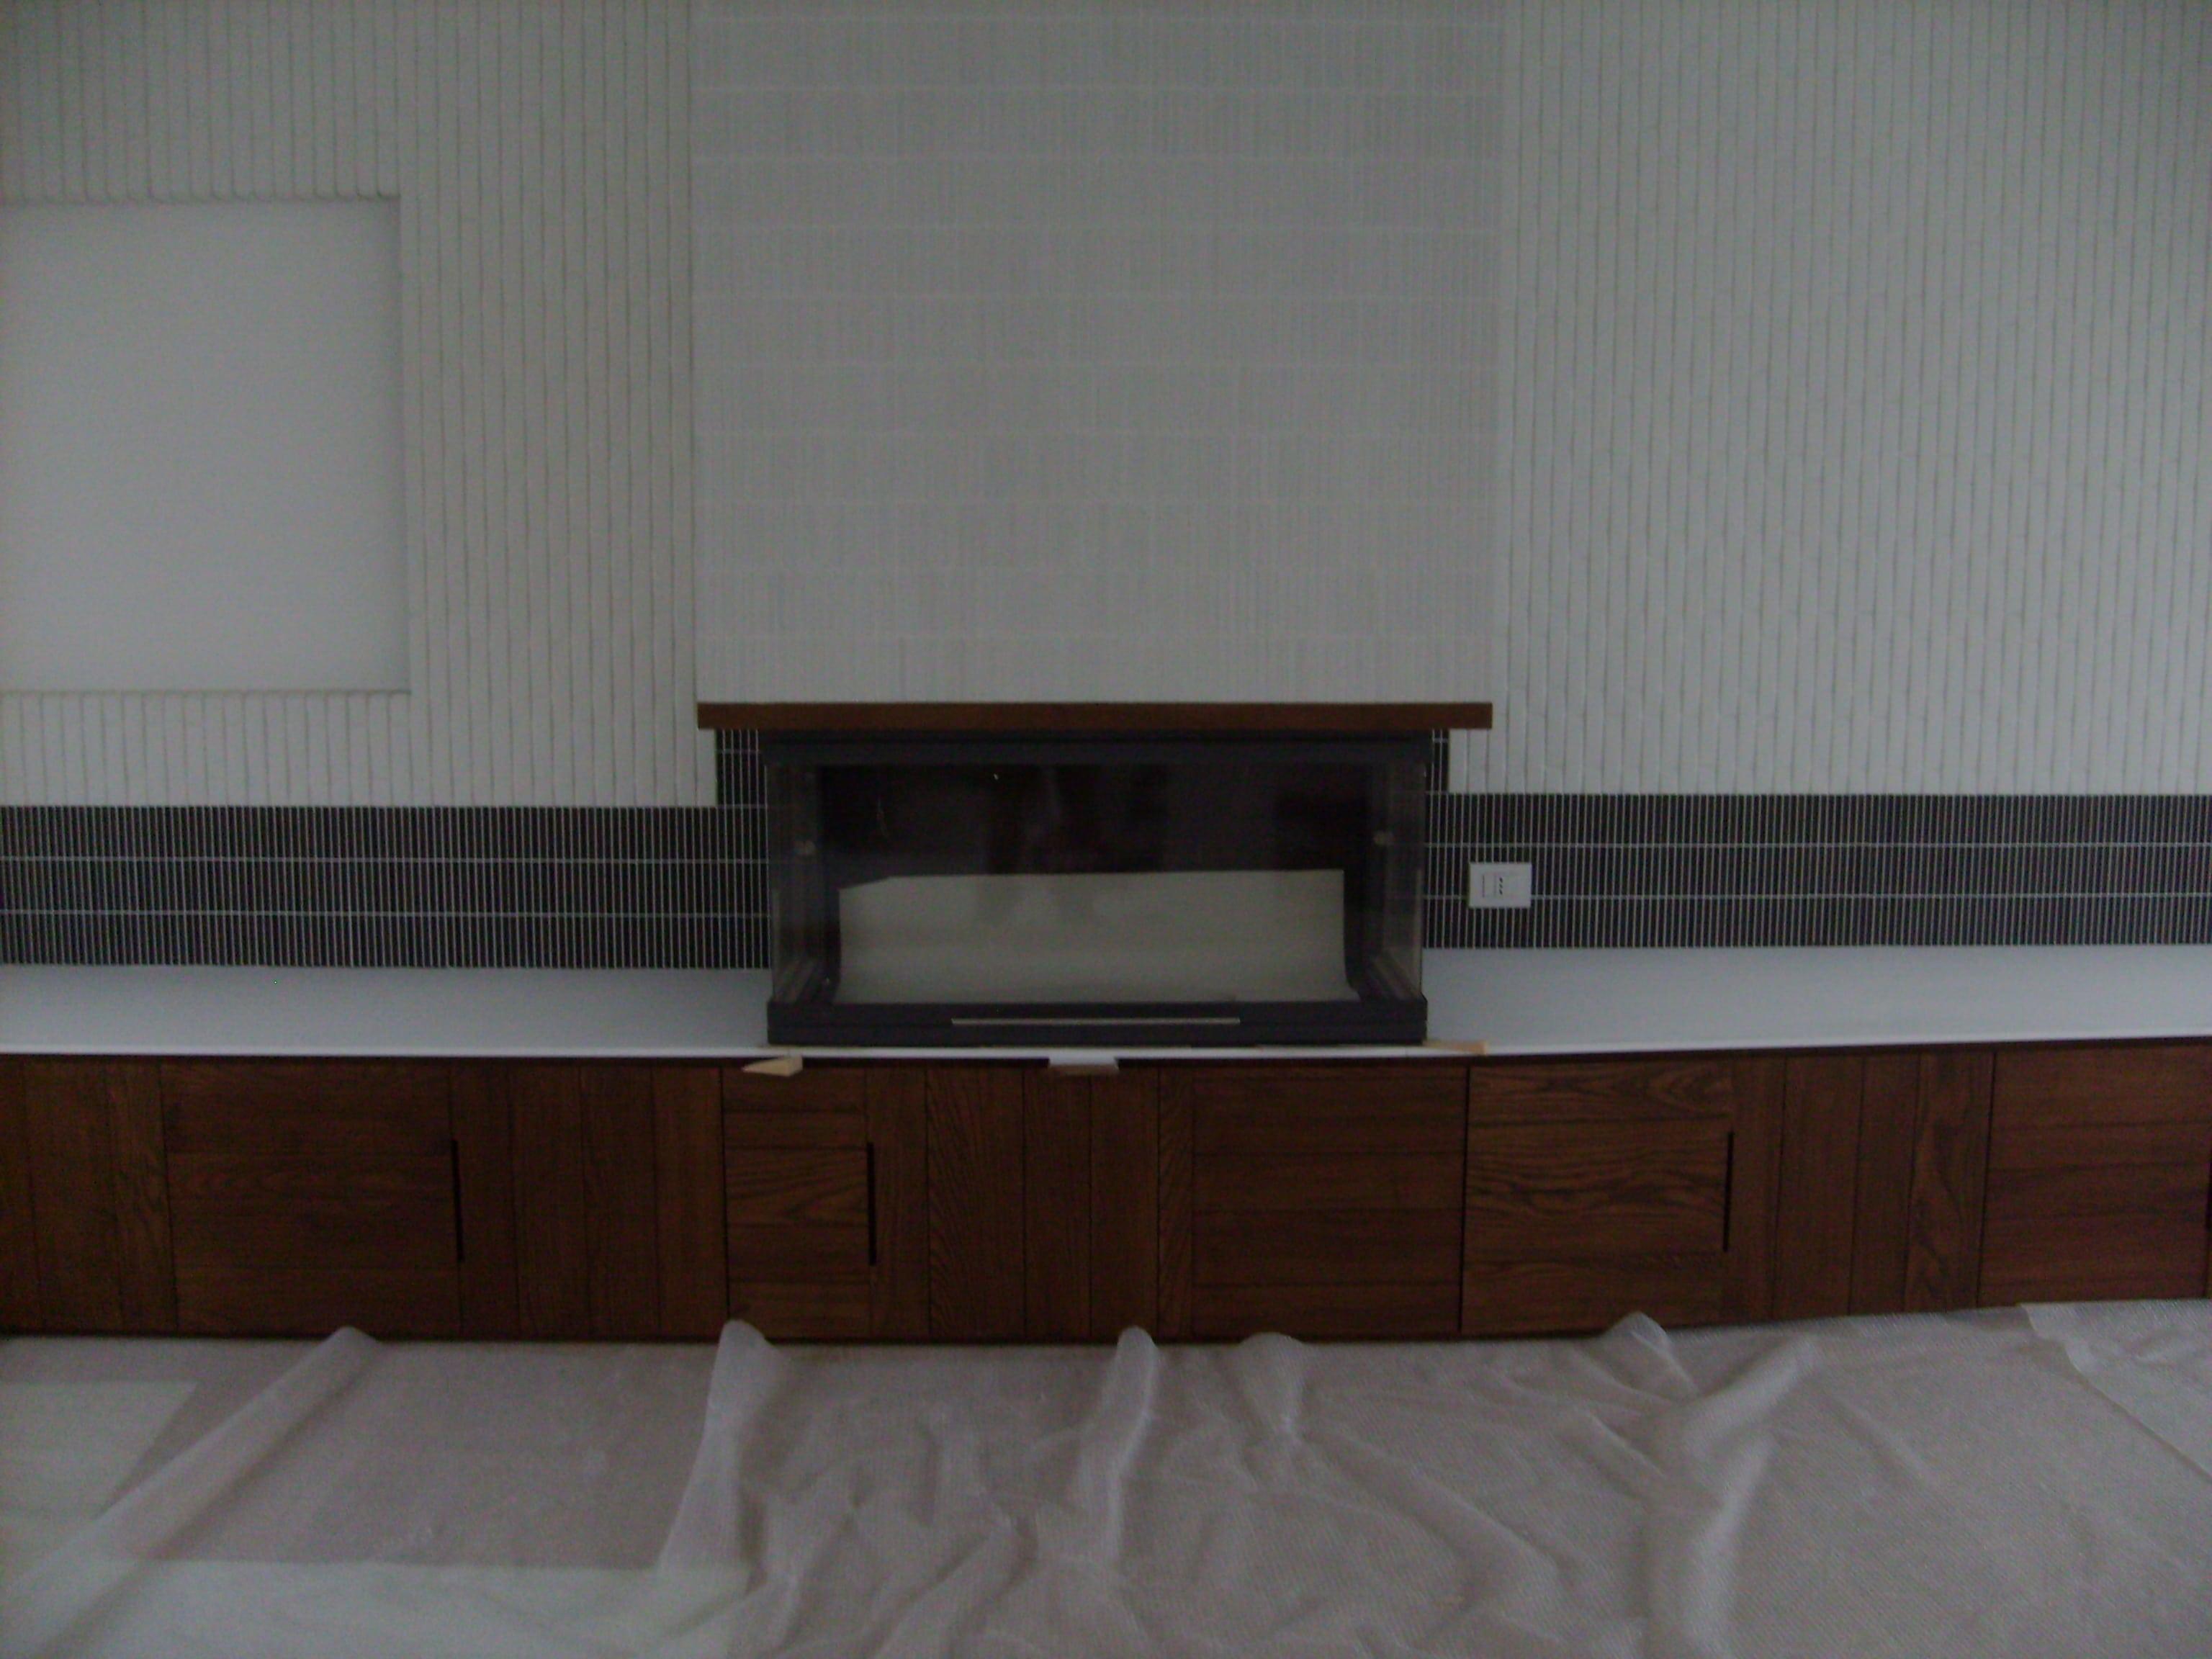 Mobile base con cassettoni e top in corian. Progetto: architetto Roberto Virdis